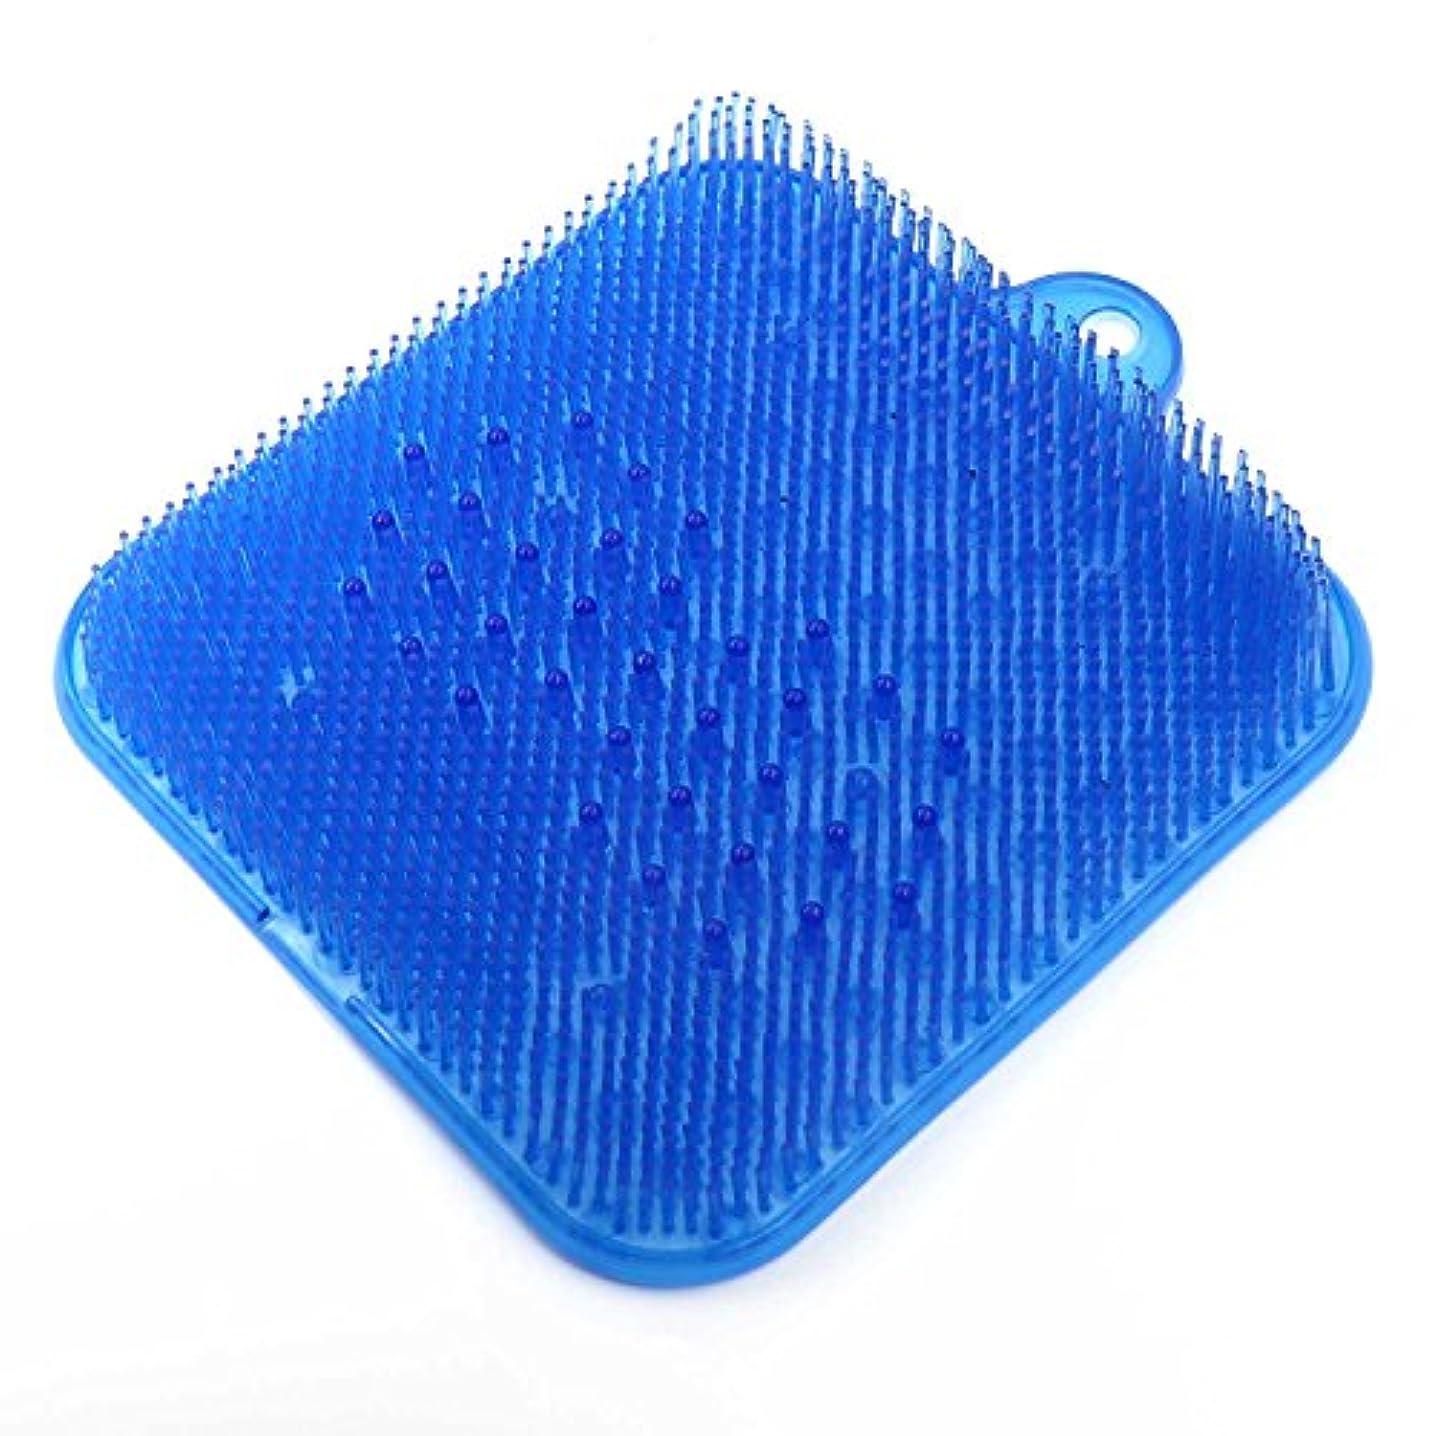 受取人前提条件カンガルーDigHealth 足洗いマット ブルー